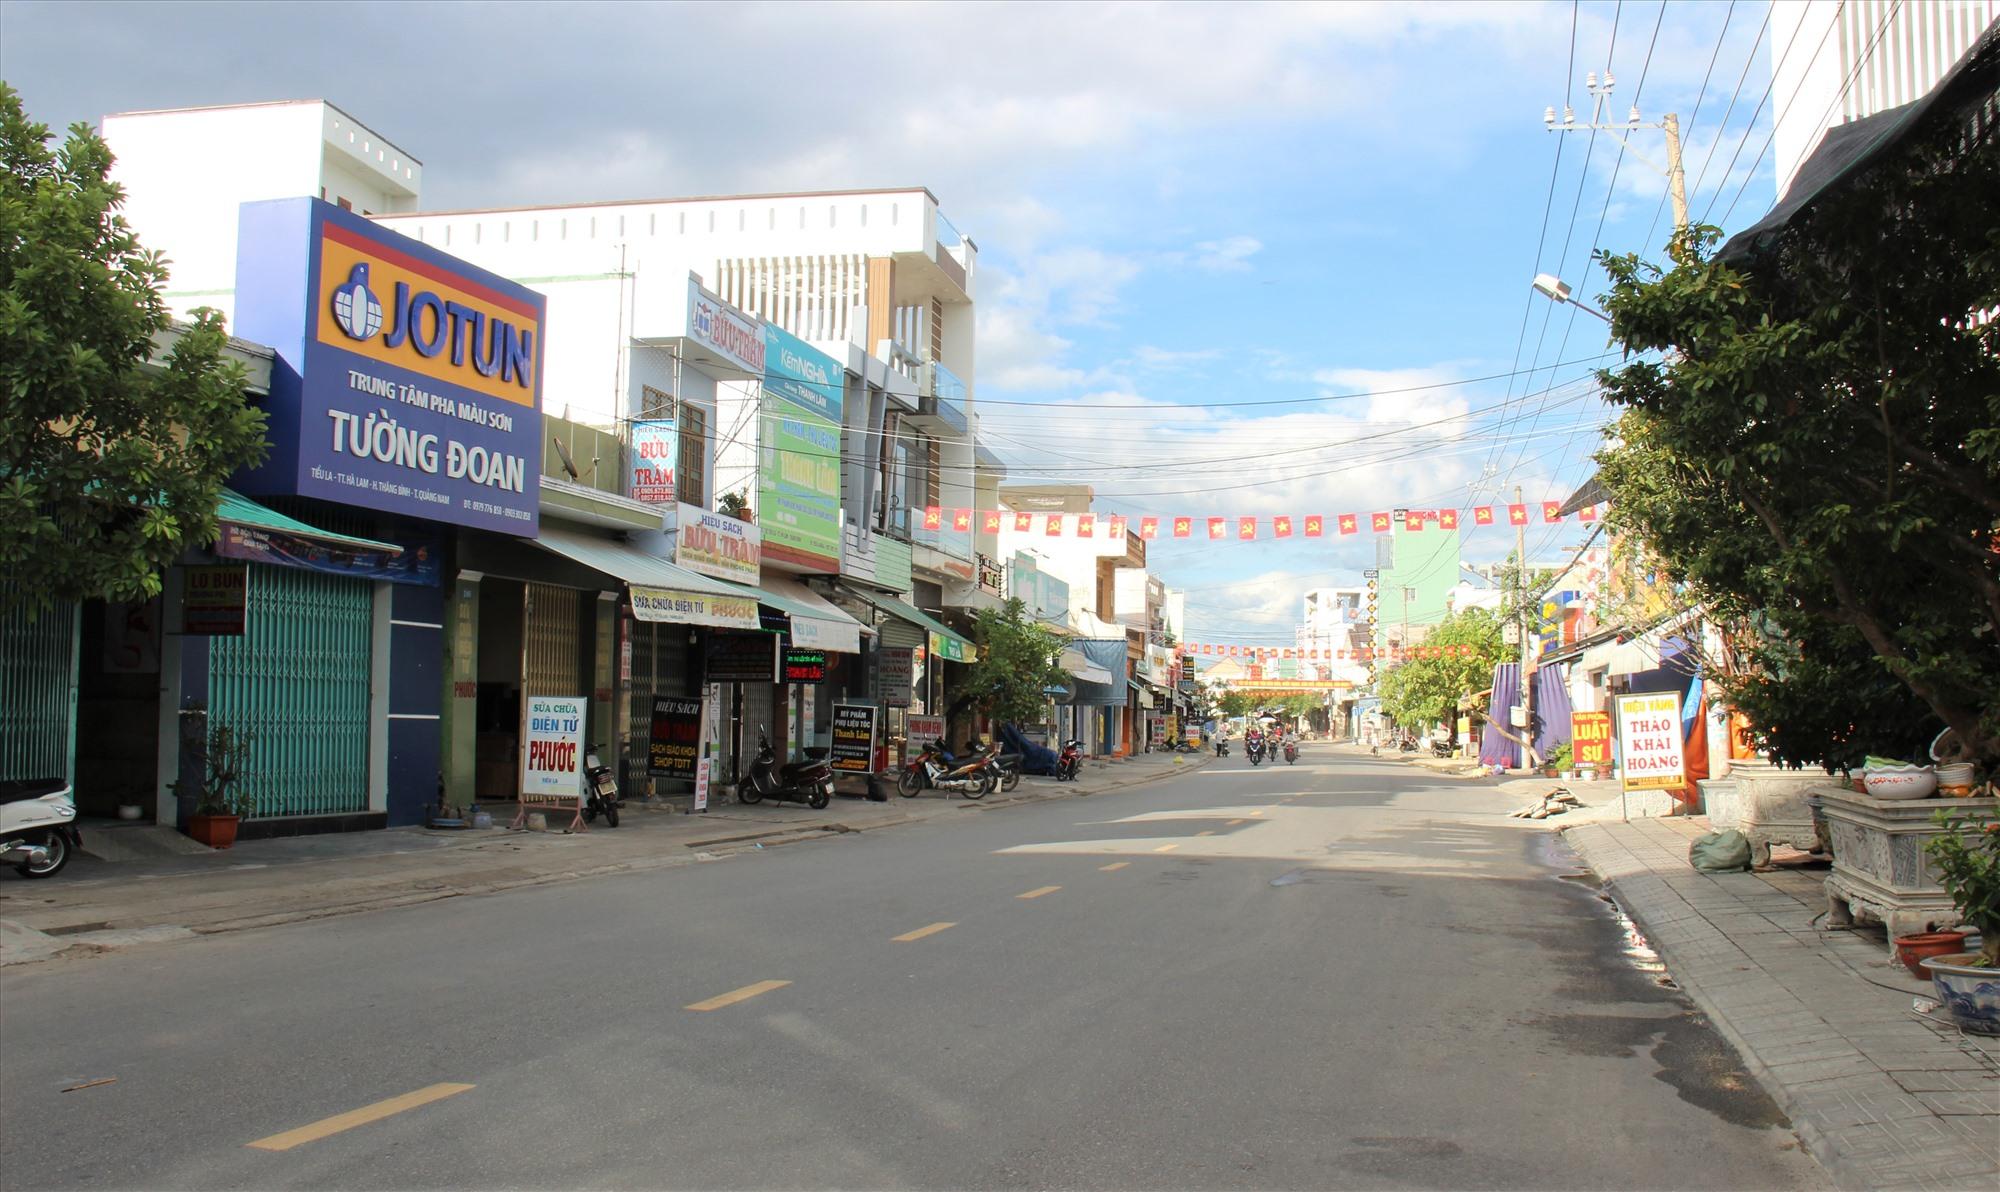 Tuyến đường Tiểu La (thị trấn Hà Lam, Thăng Bình) ít người qua lại. Ảnh: THANH THẮNG